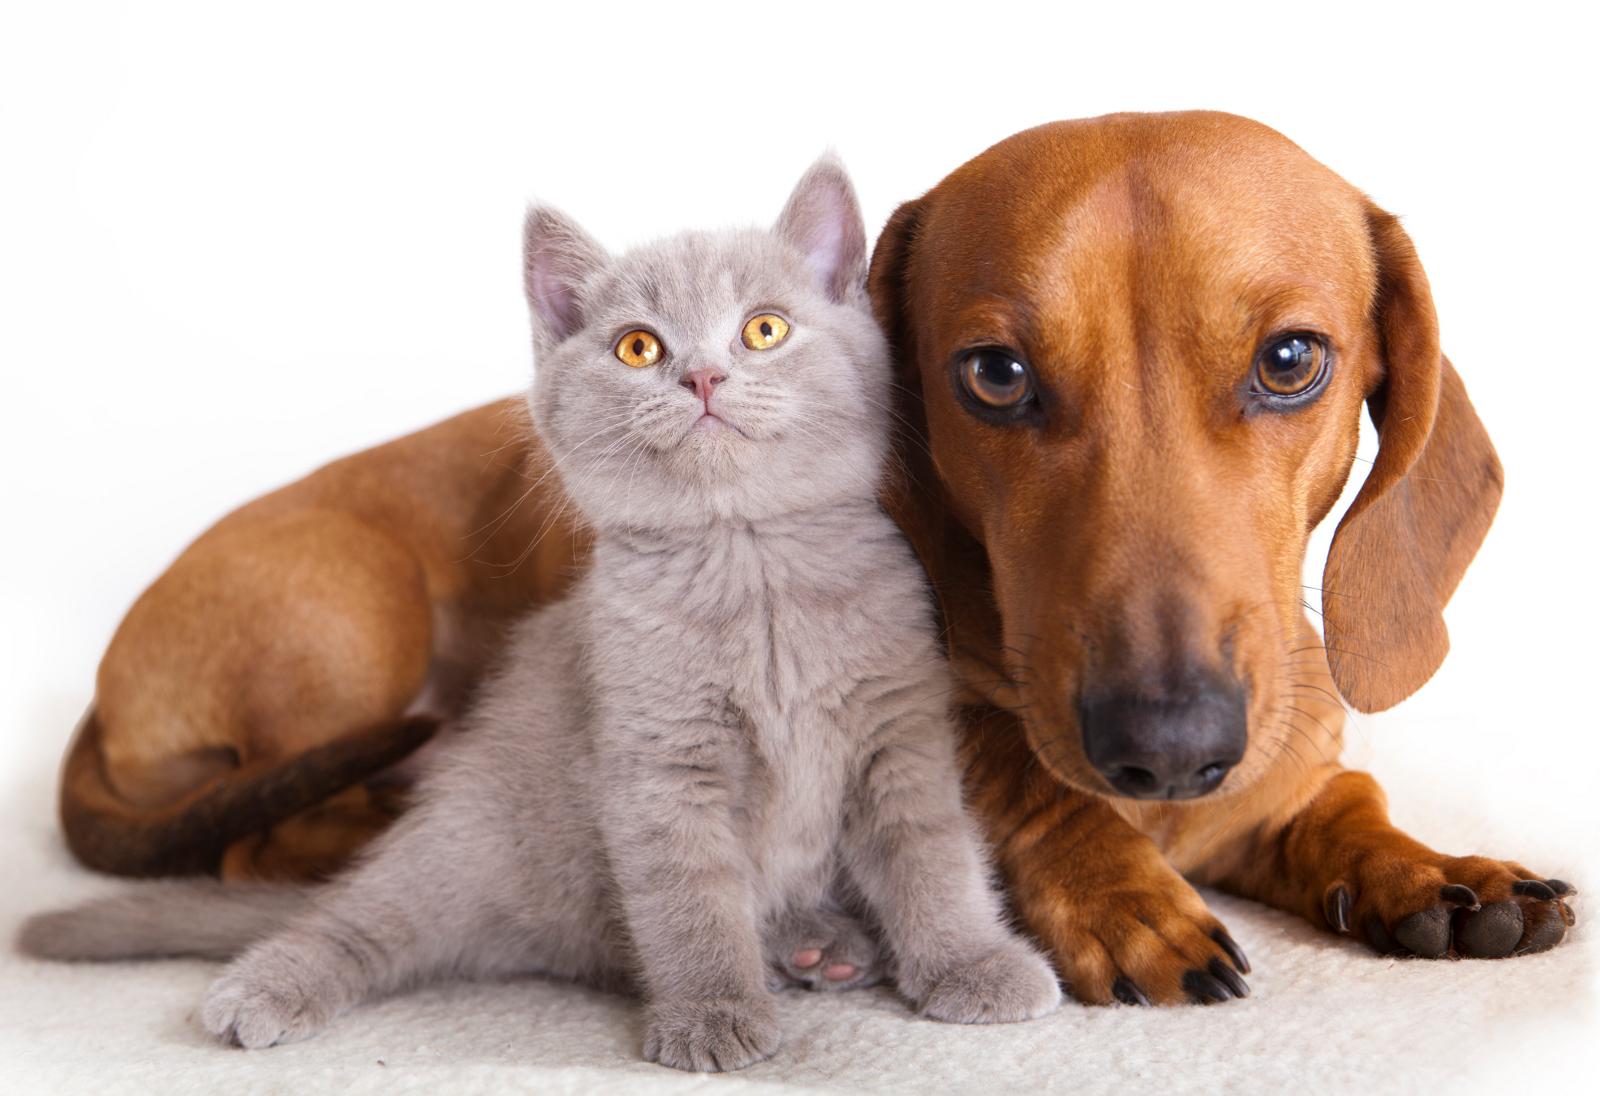 Pronto podrás saber lo que piensan tus mascotas